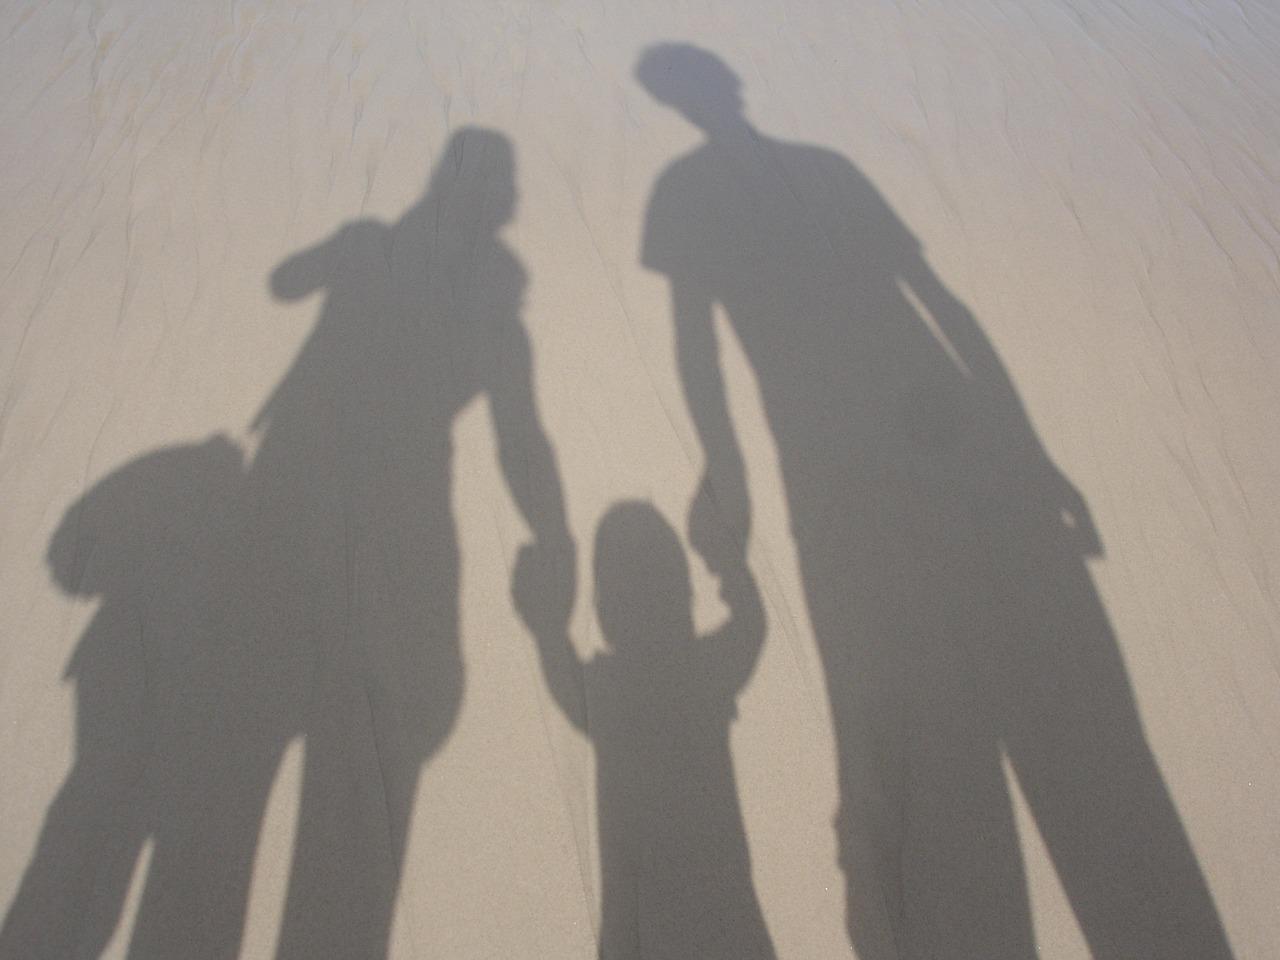 famiglia genitori figli bigenitorialità